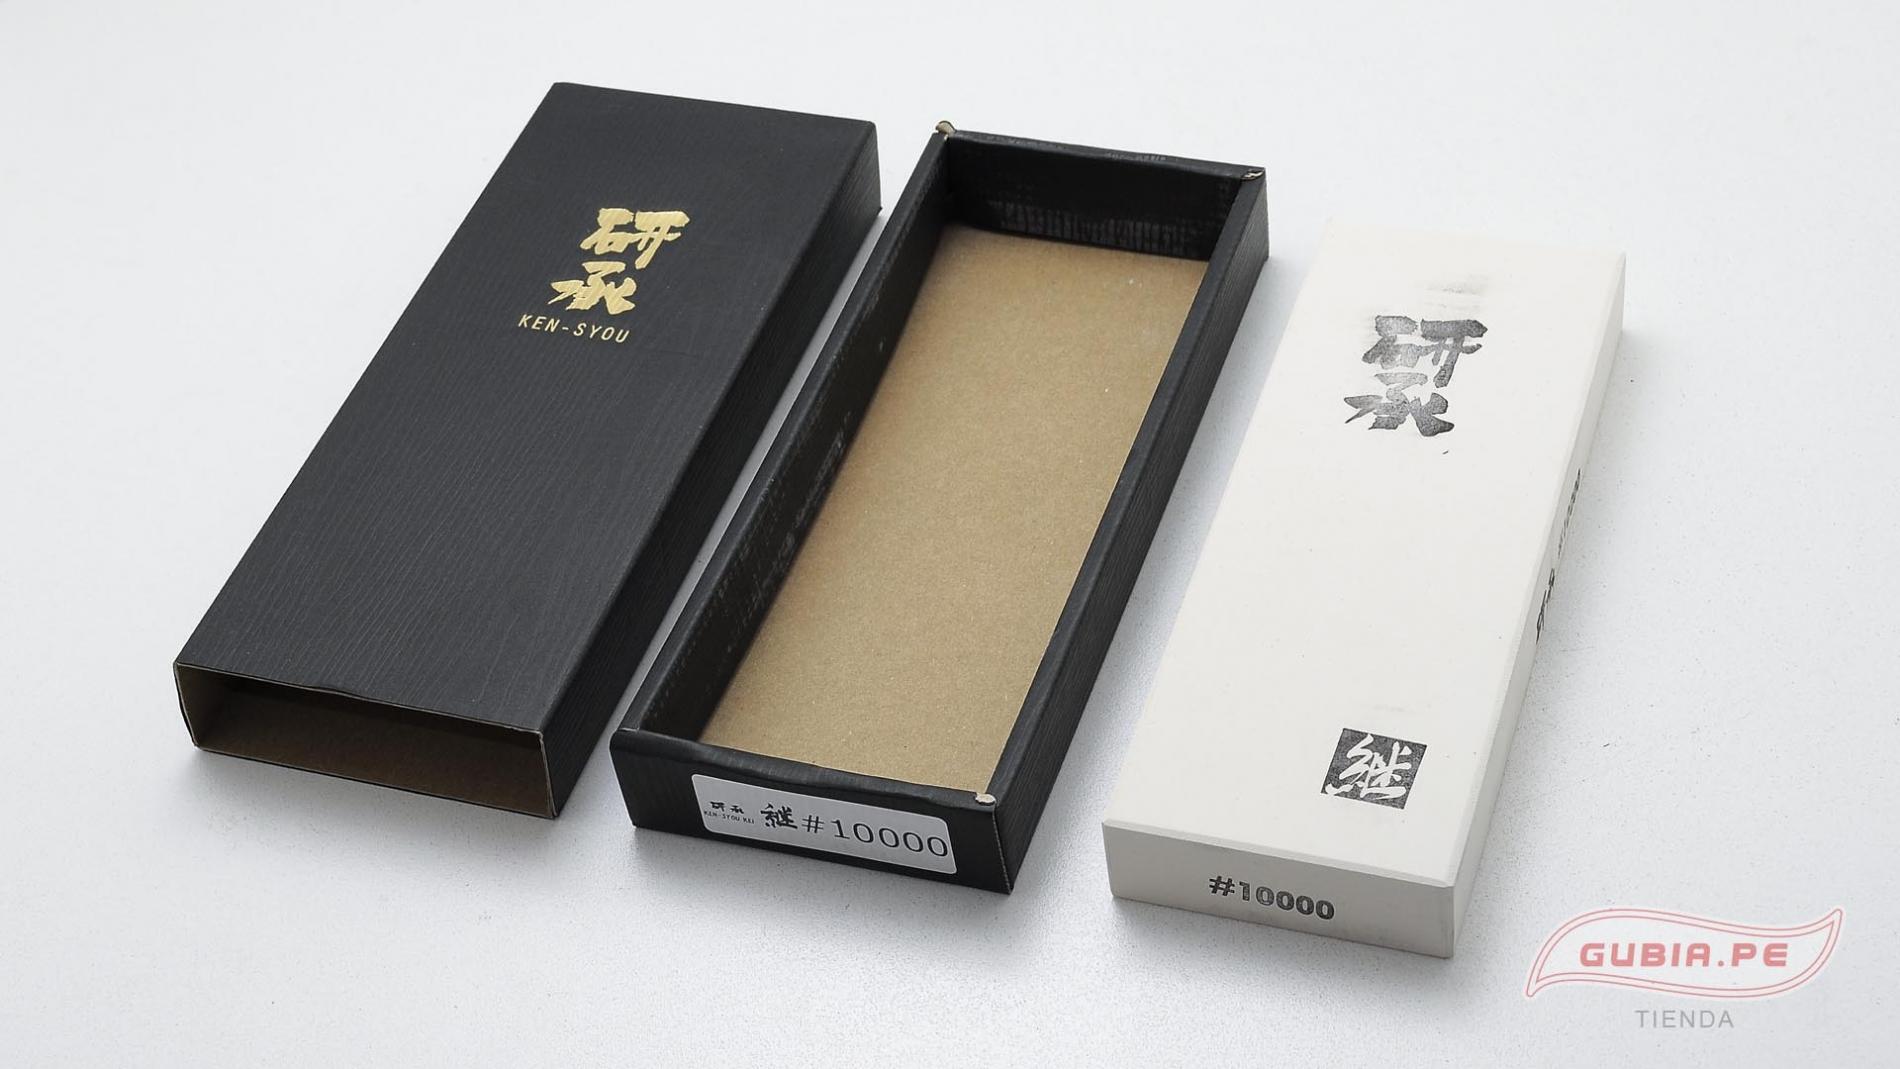 KSK10000-Piedra de asentar 10000 pulir filo de cuchillos Ken Syou Kei-max-5.